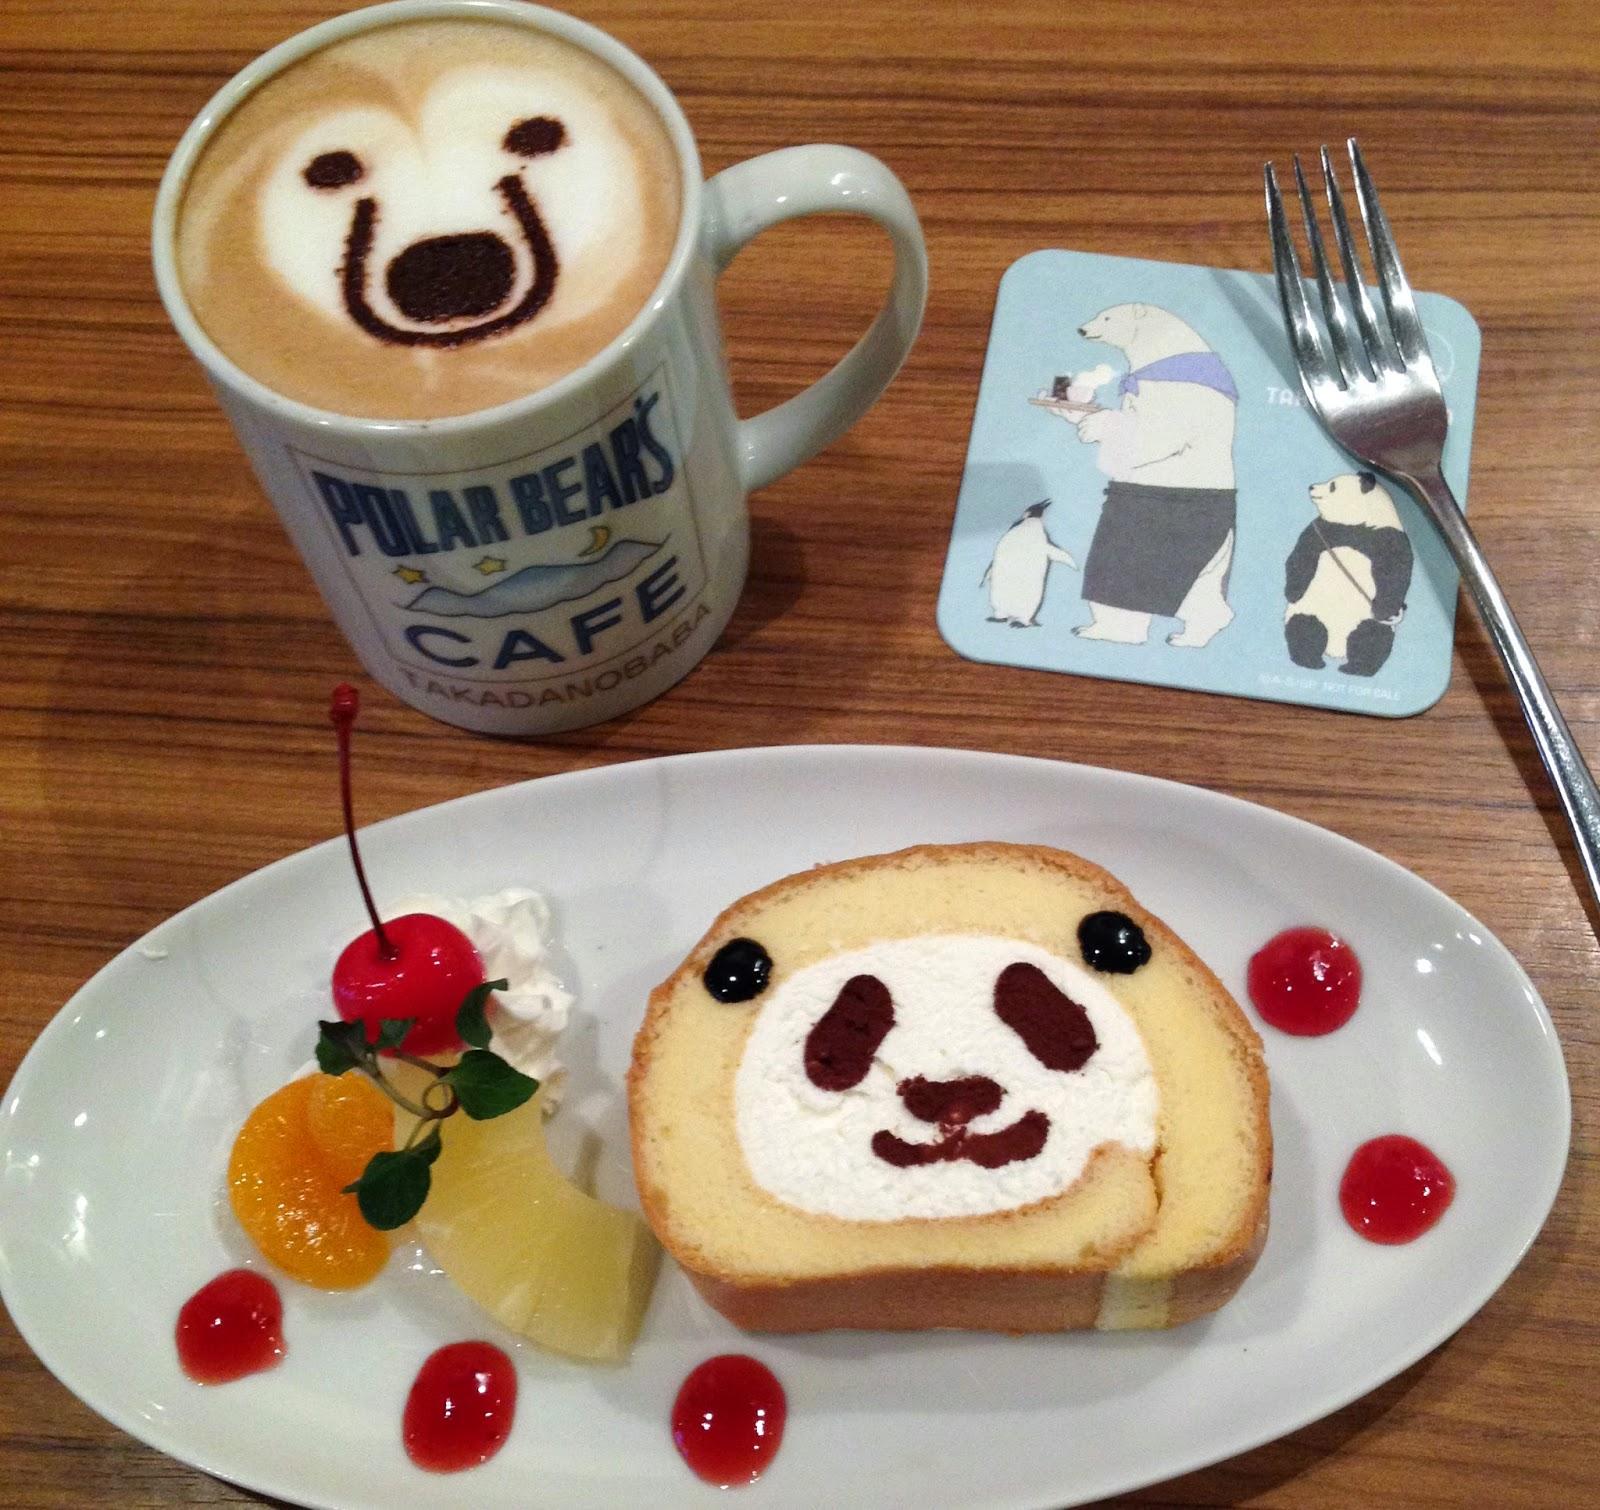 polar bear cafe tokyo